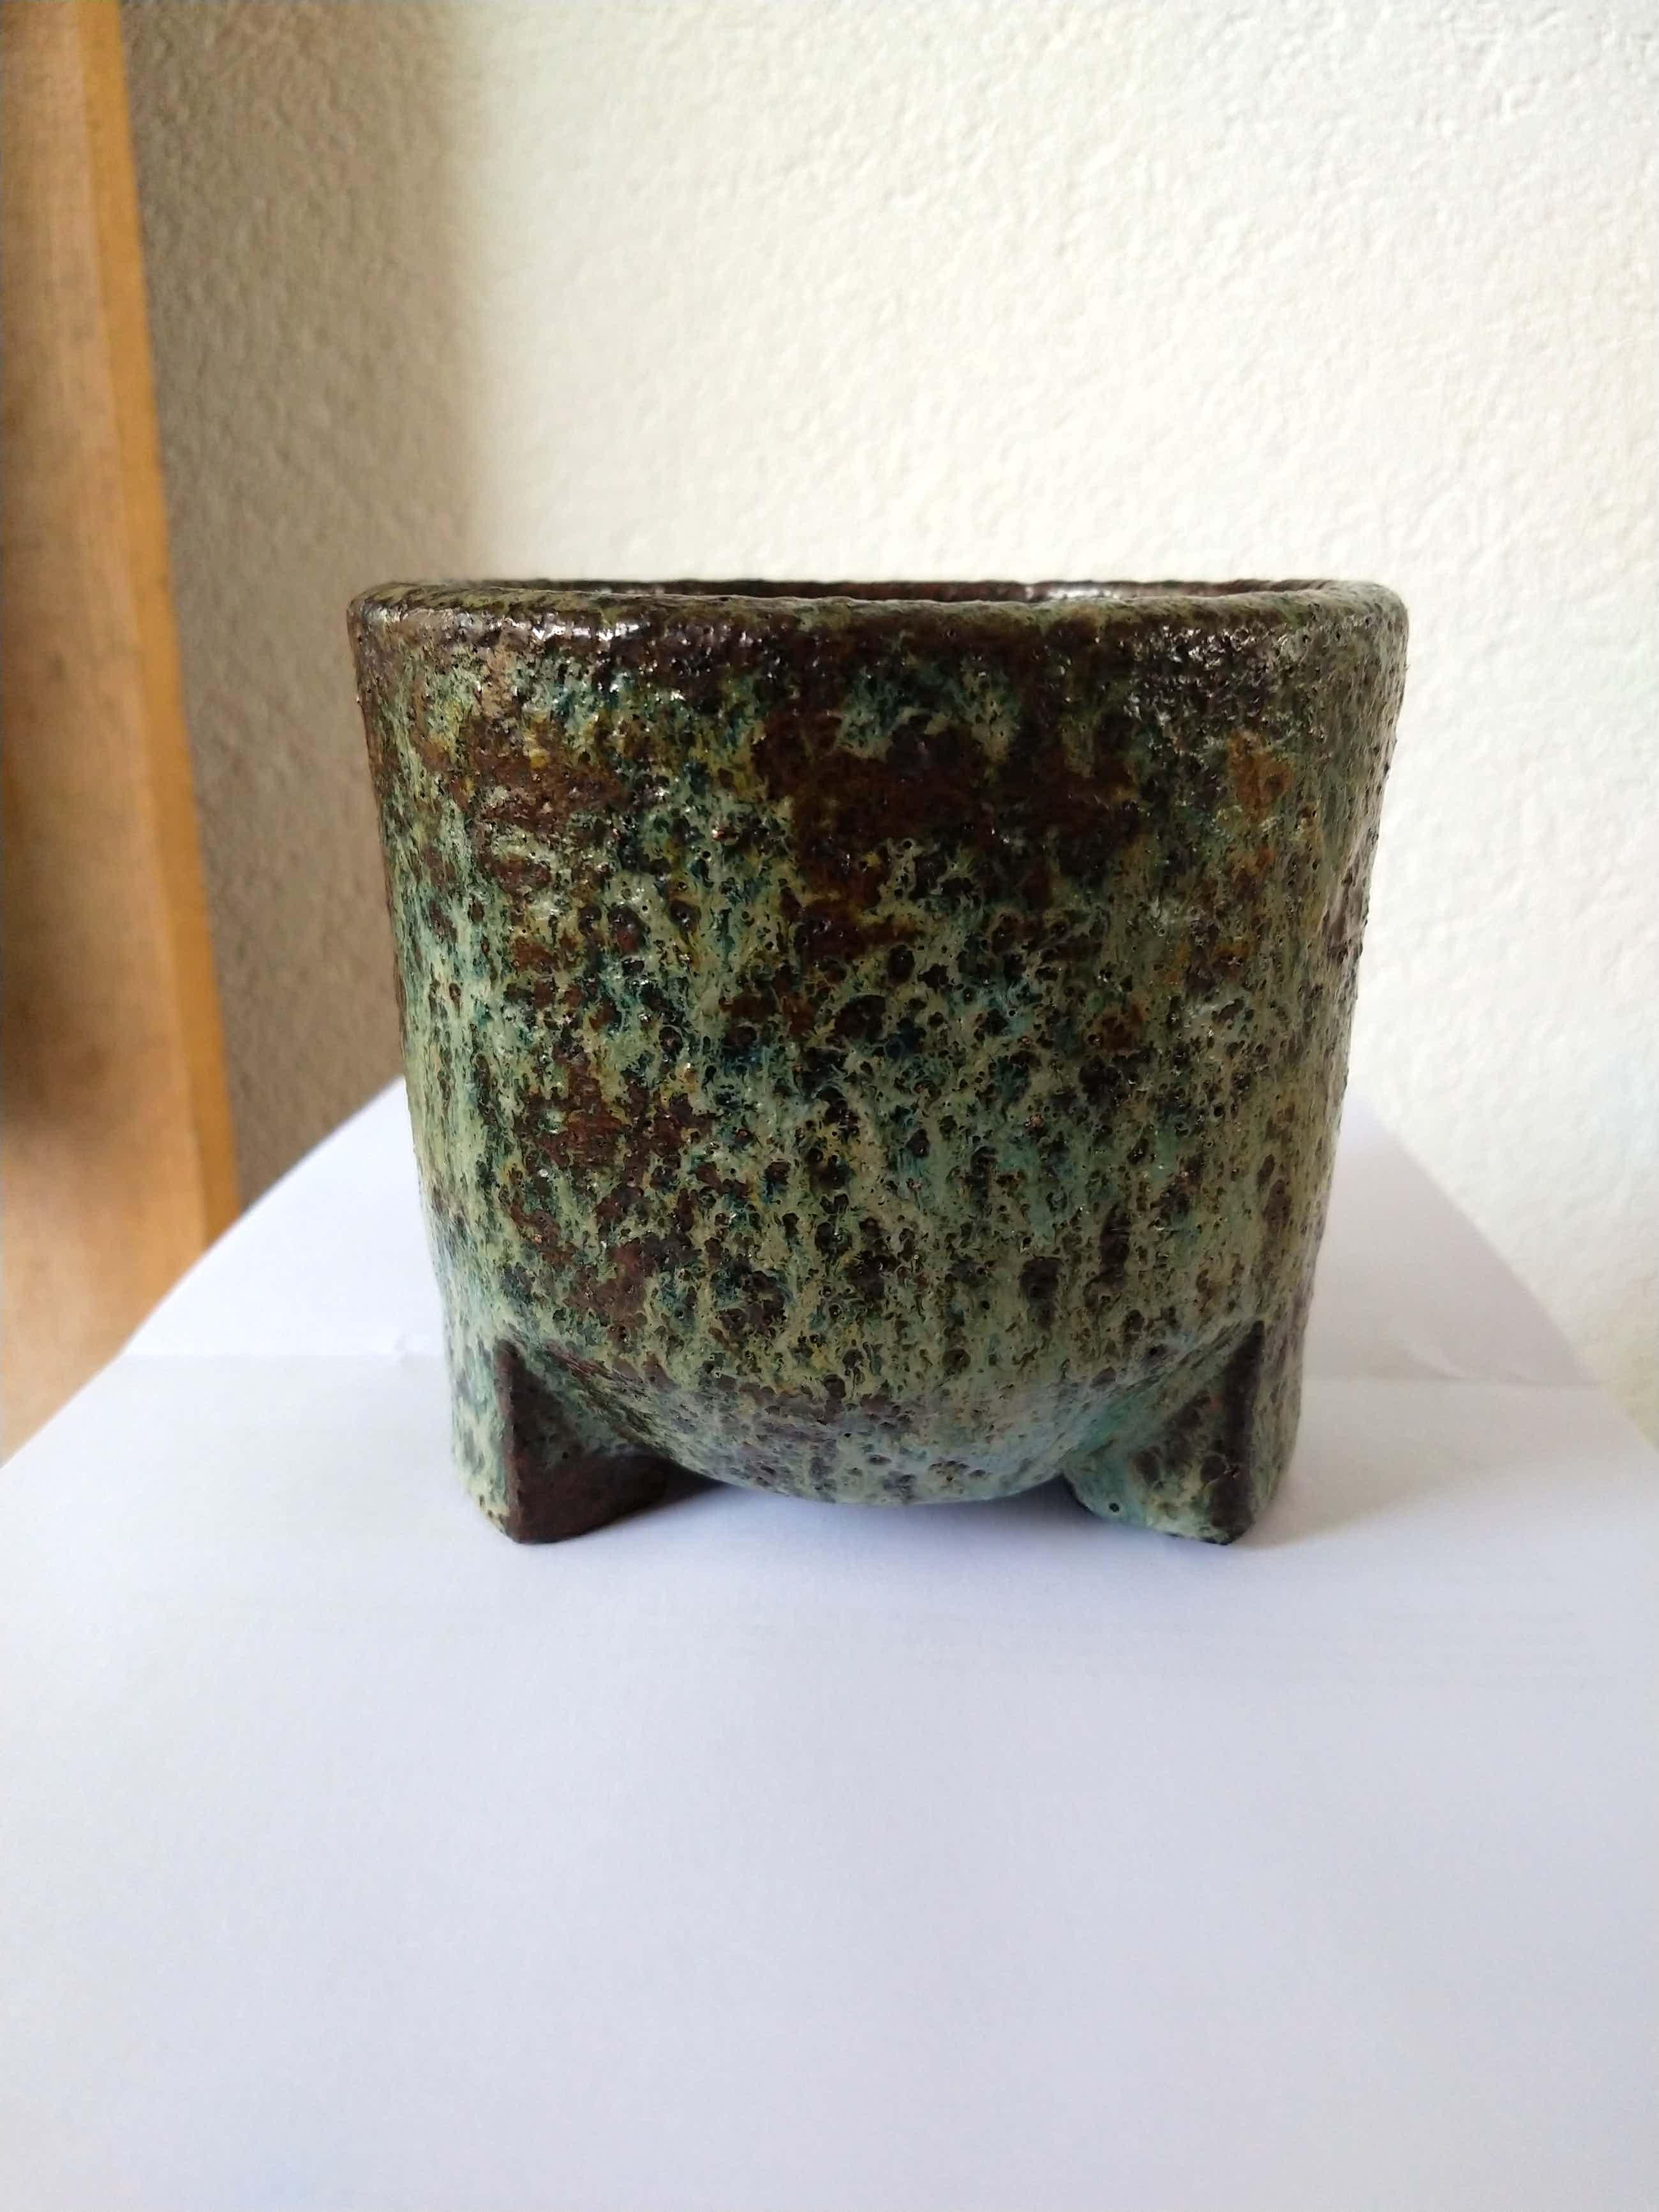 Potterij Zaalberg - Cactus Pot kopen? Bied vanaf 20!